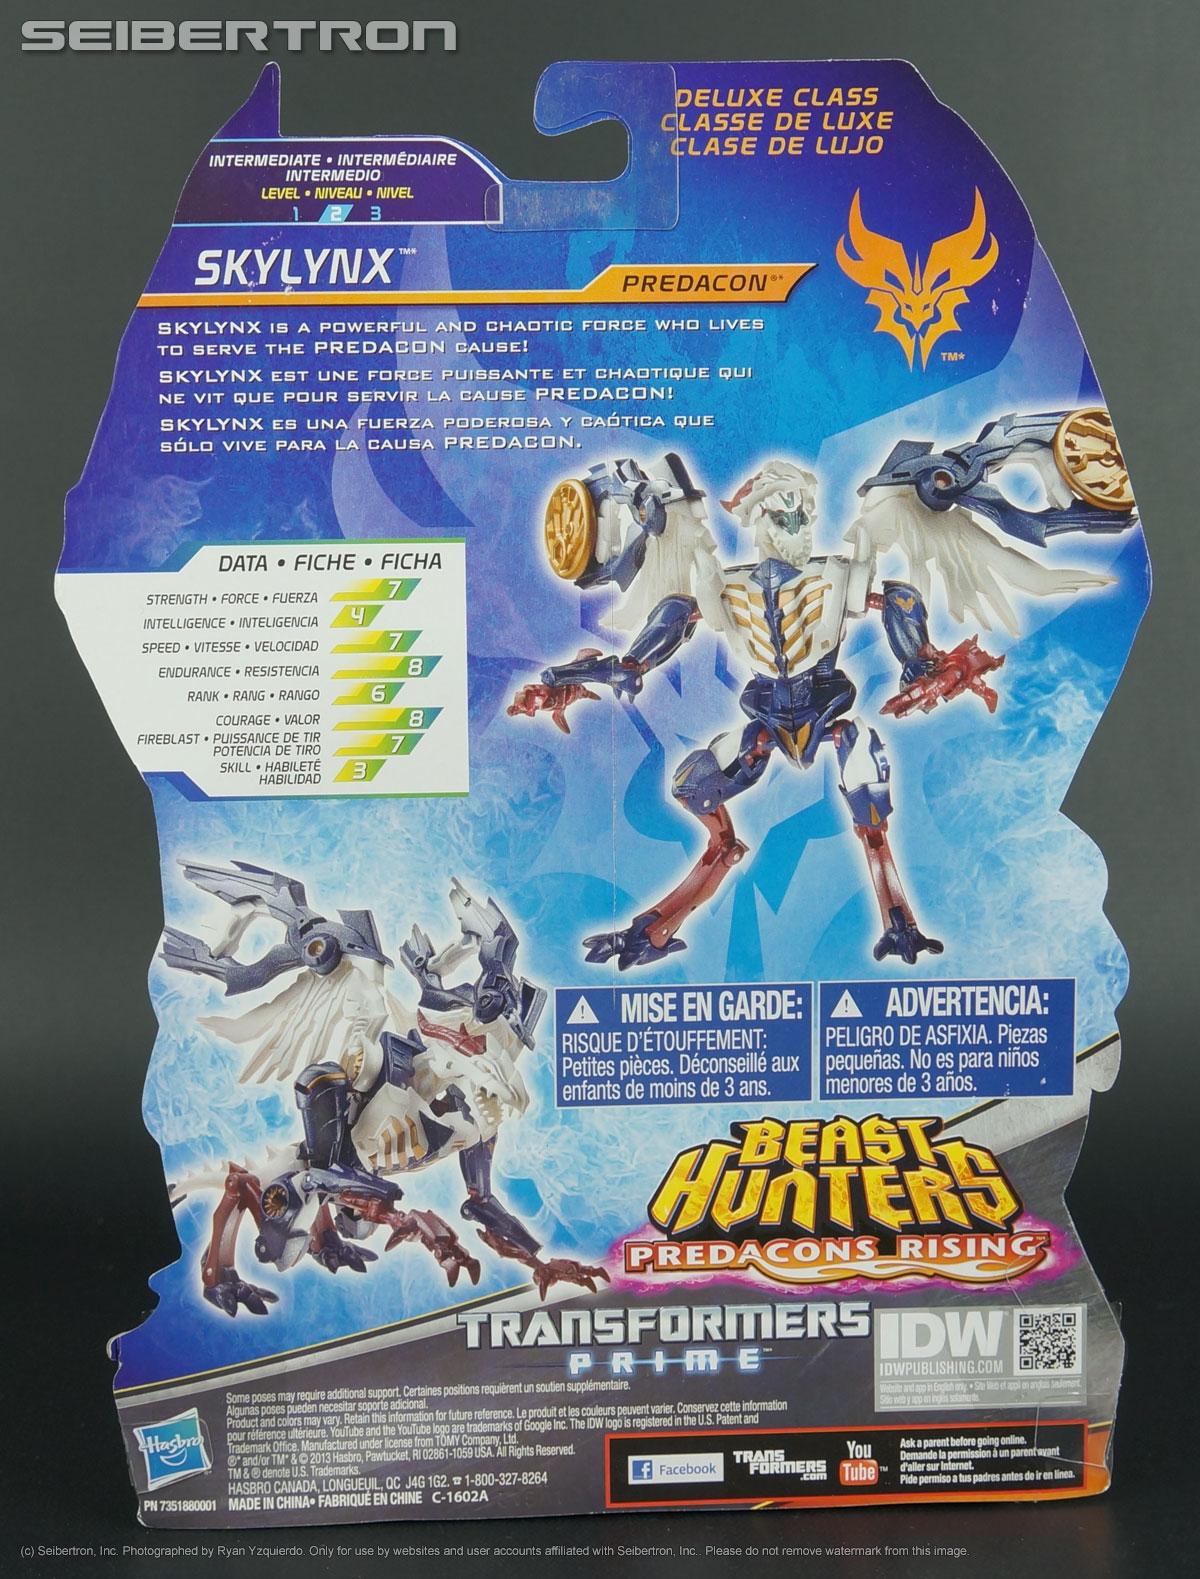 SKYLYNX Transformers PRIME BEAST HUNTERS Predacons Rising Deluxe Target SKY Lynx